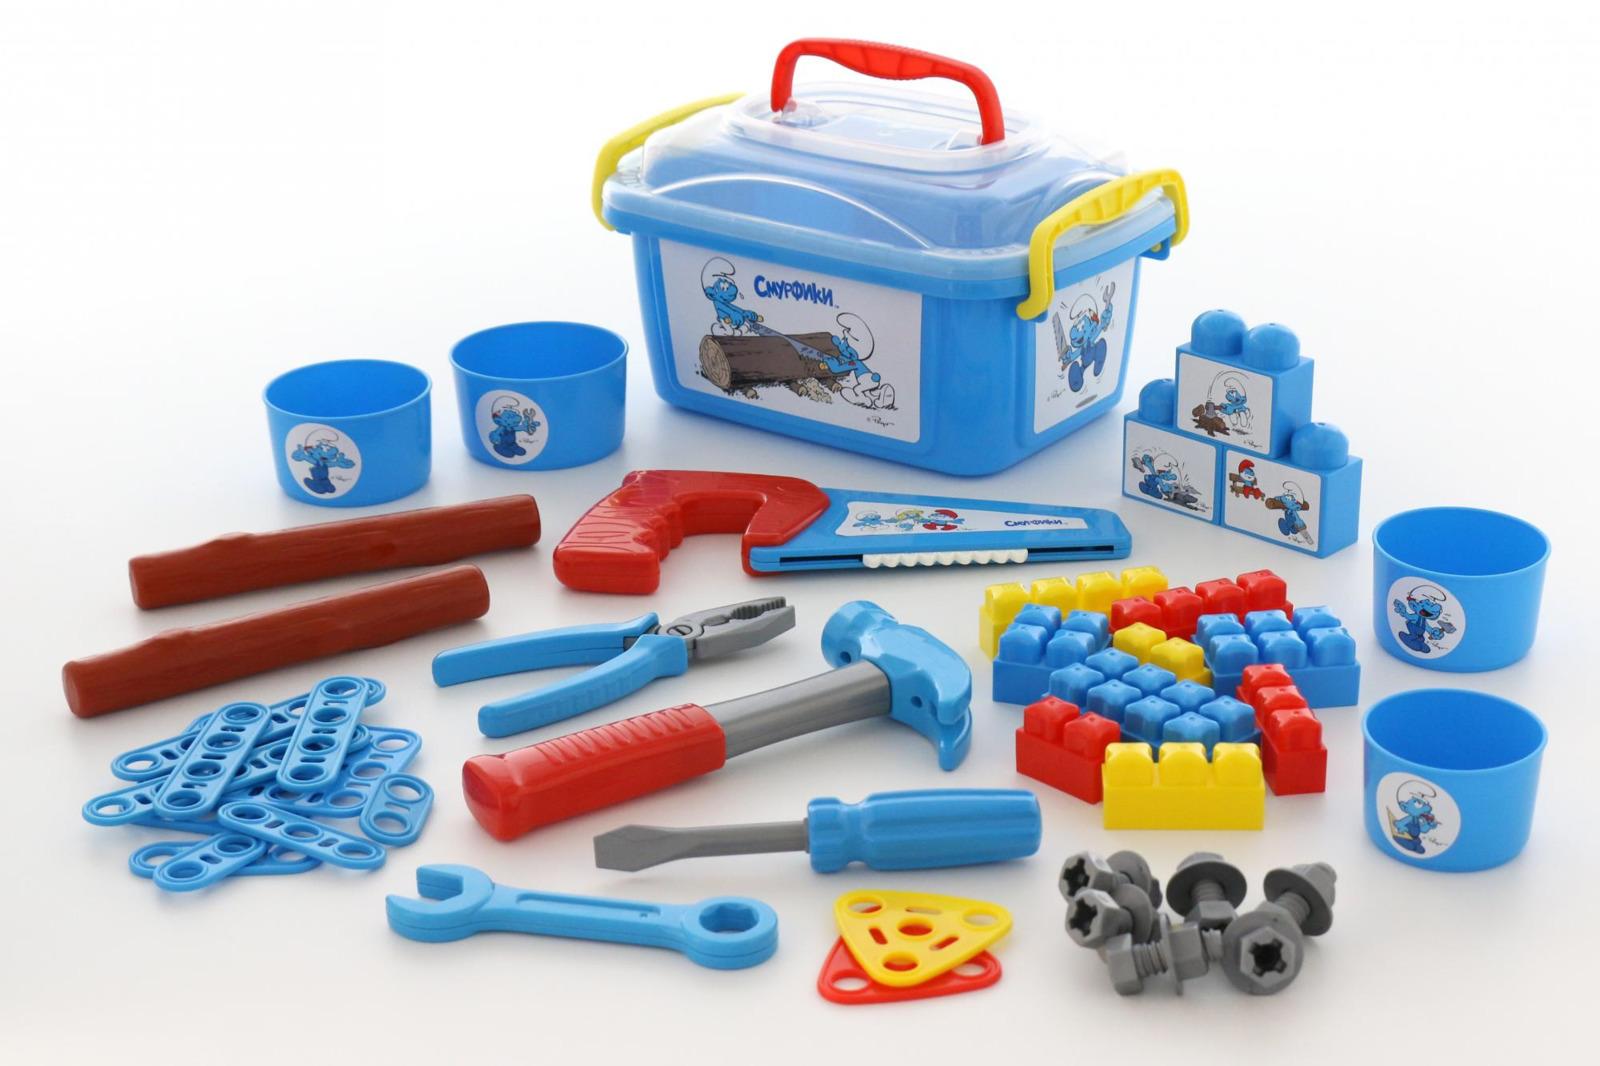 Фото - Набор Полесье Смурфик-мастер, цвет в ассортименте полесье набор игрушек для песочницы 468 цвет в ассортименте